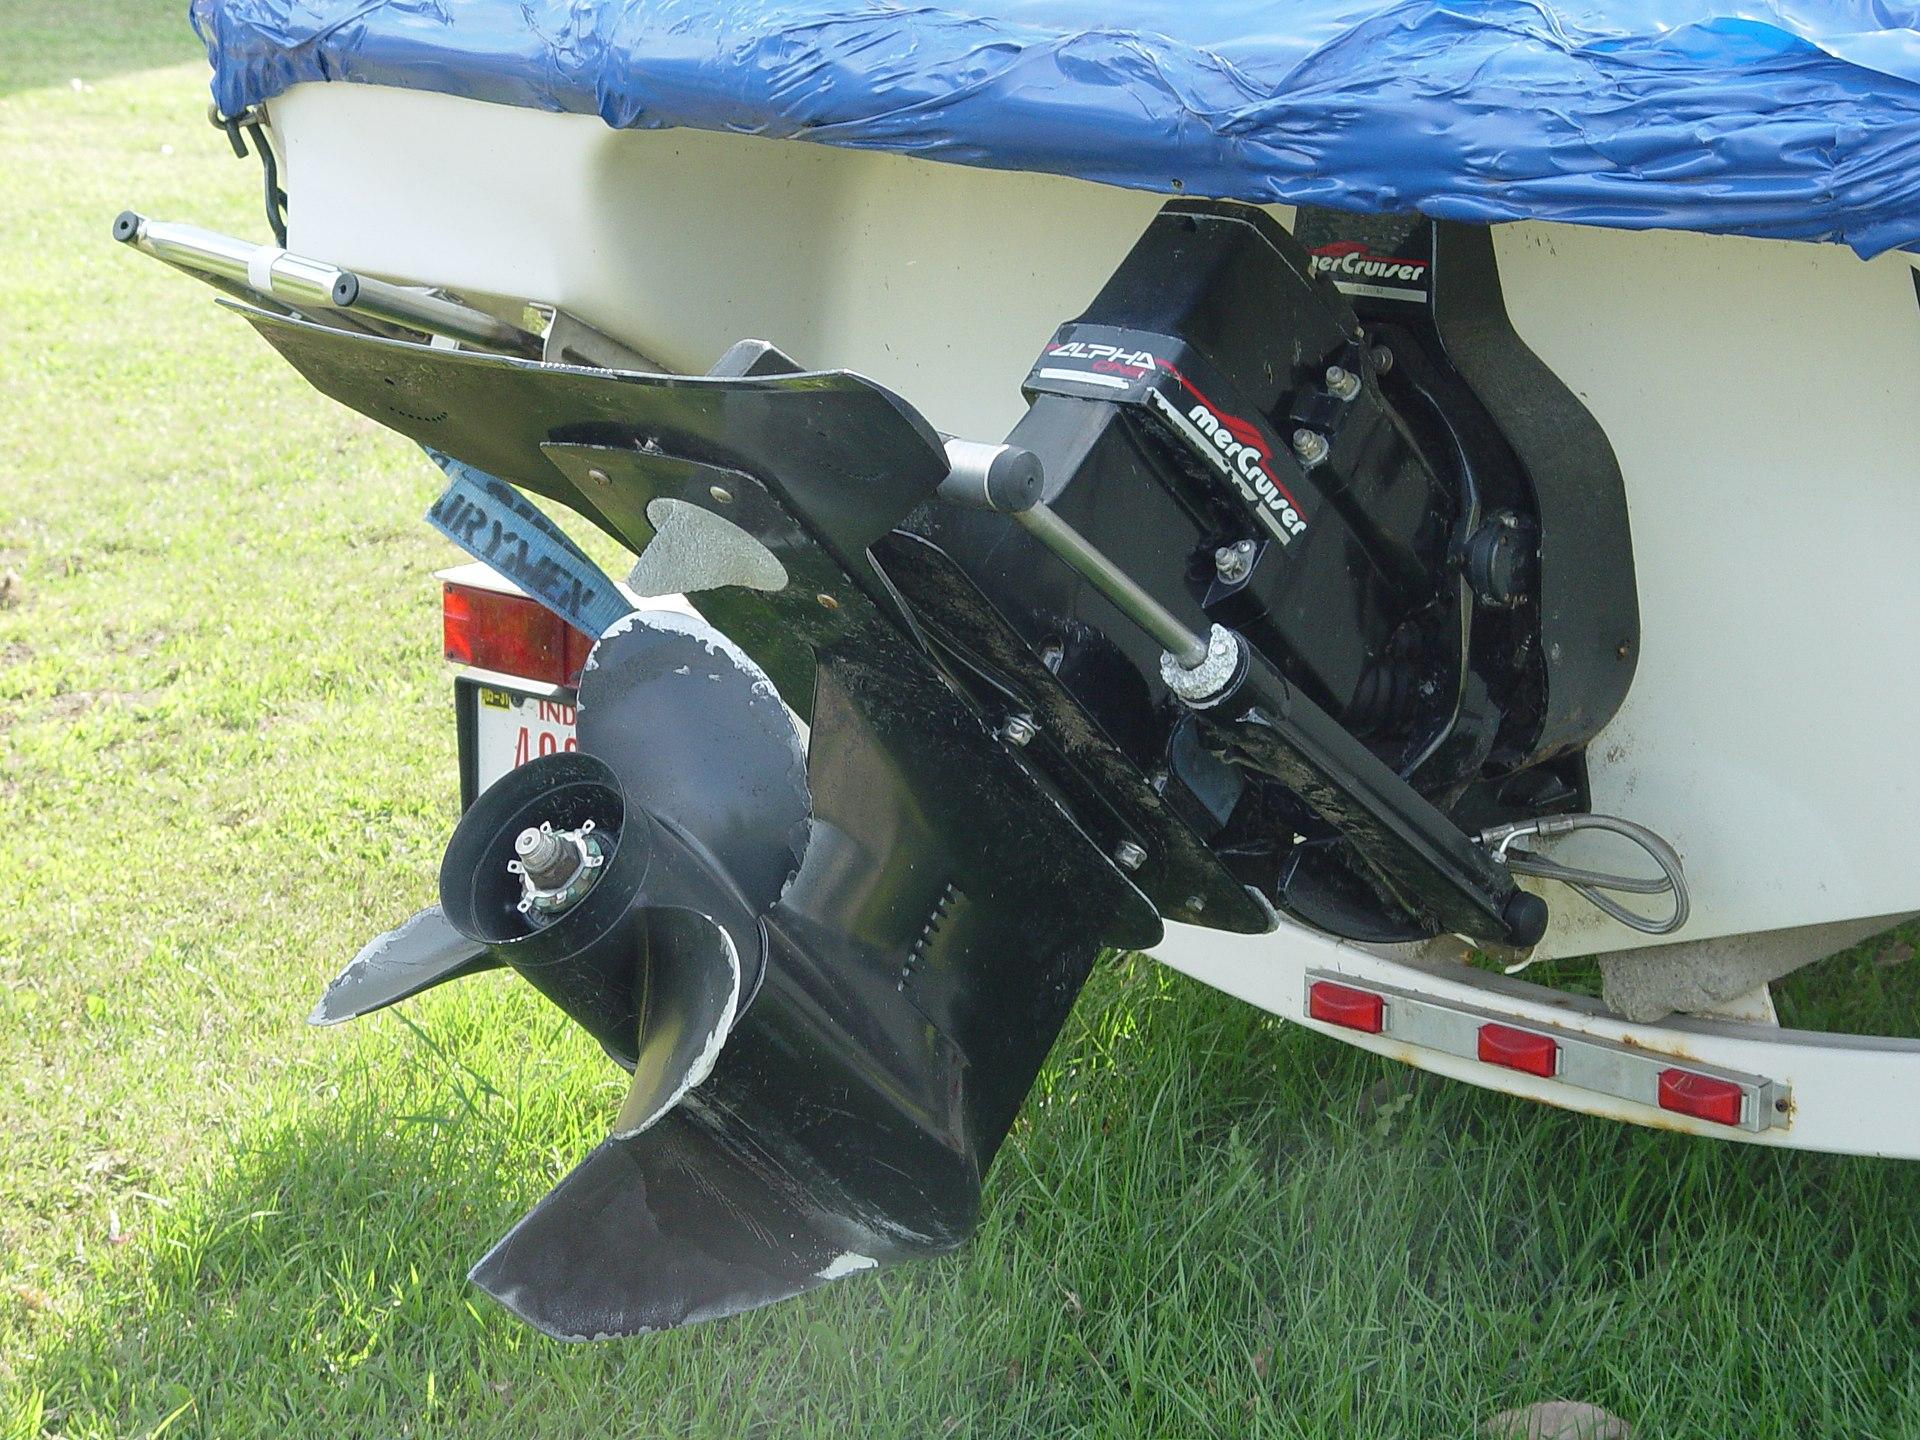 Yamaha Trim Tilt Motor Replacement